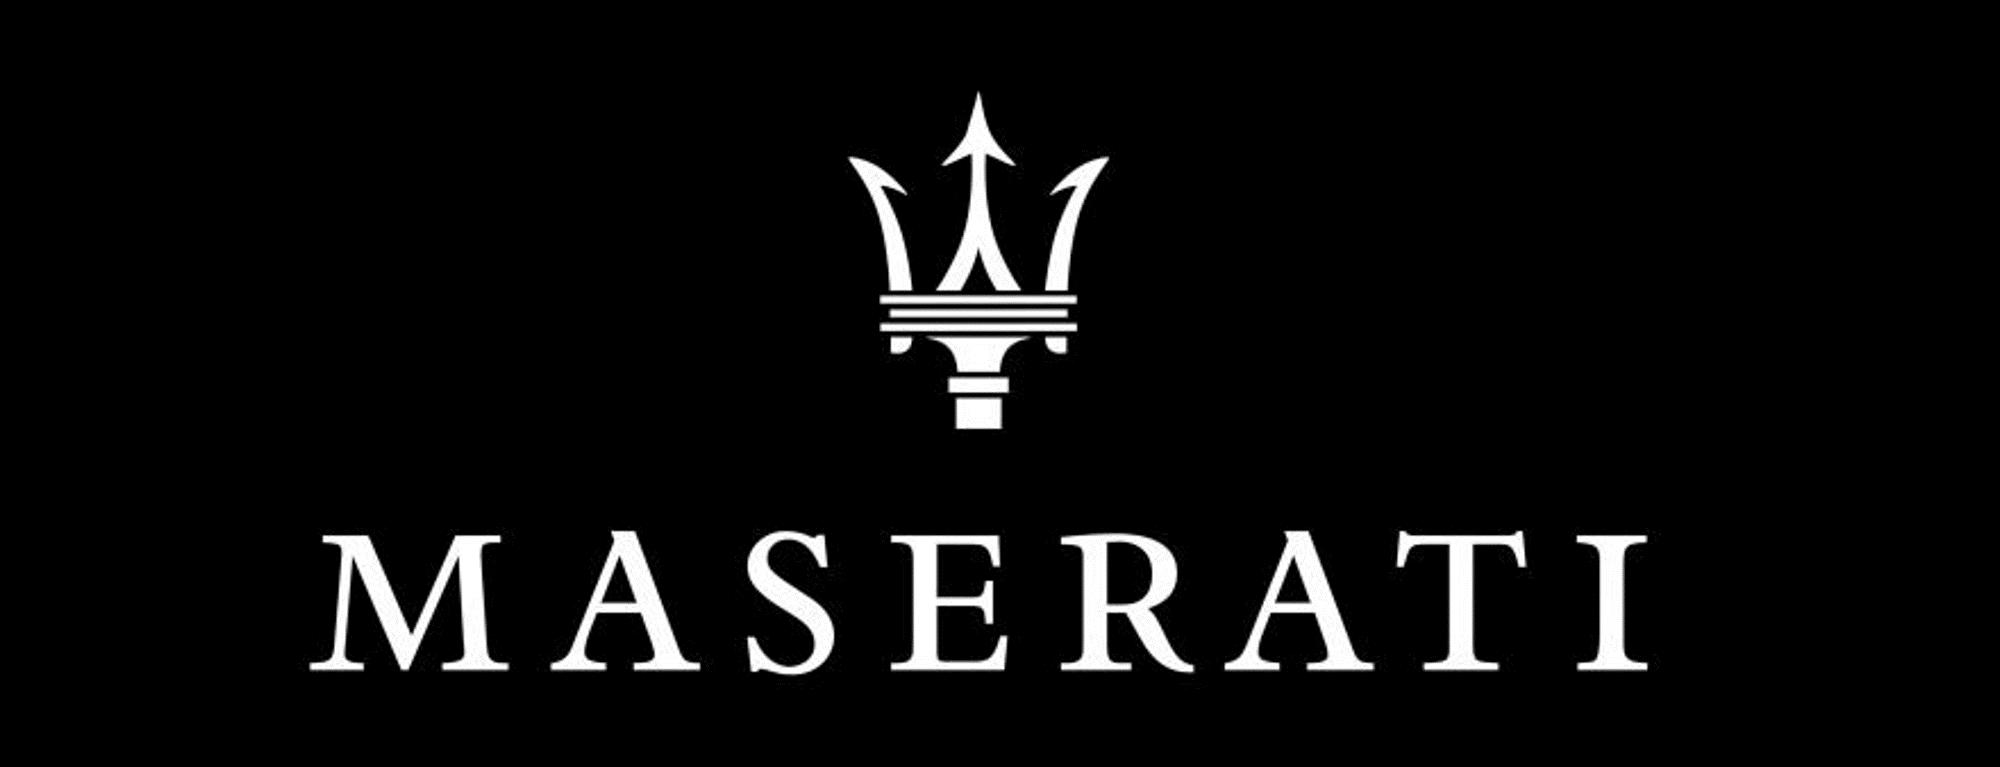 klient-wooacademy-maserati-logo